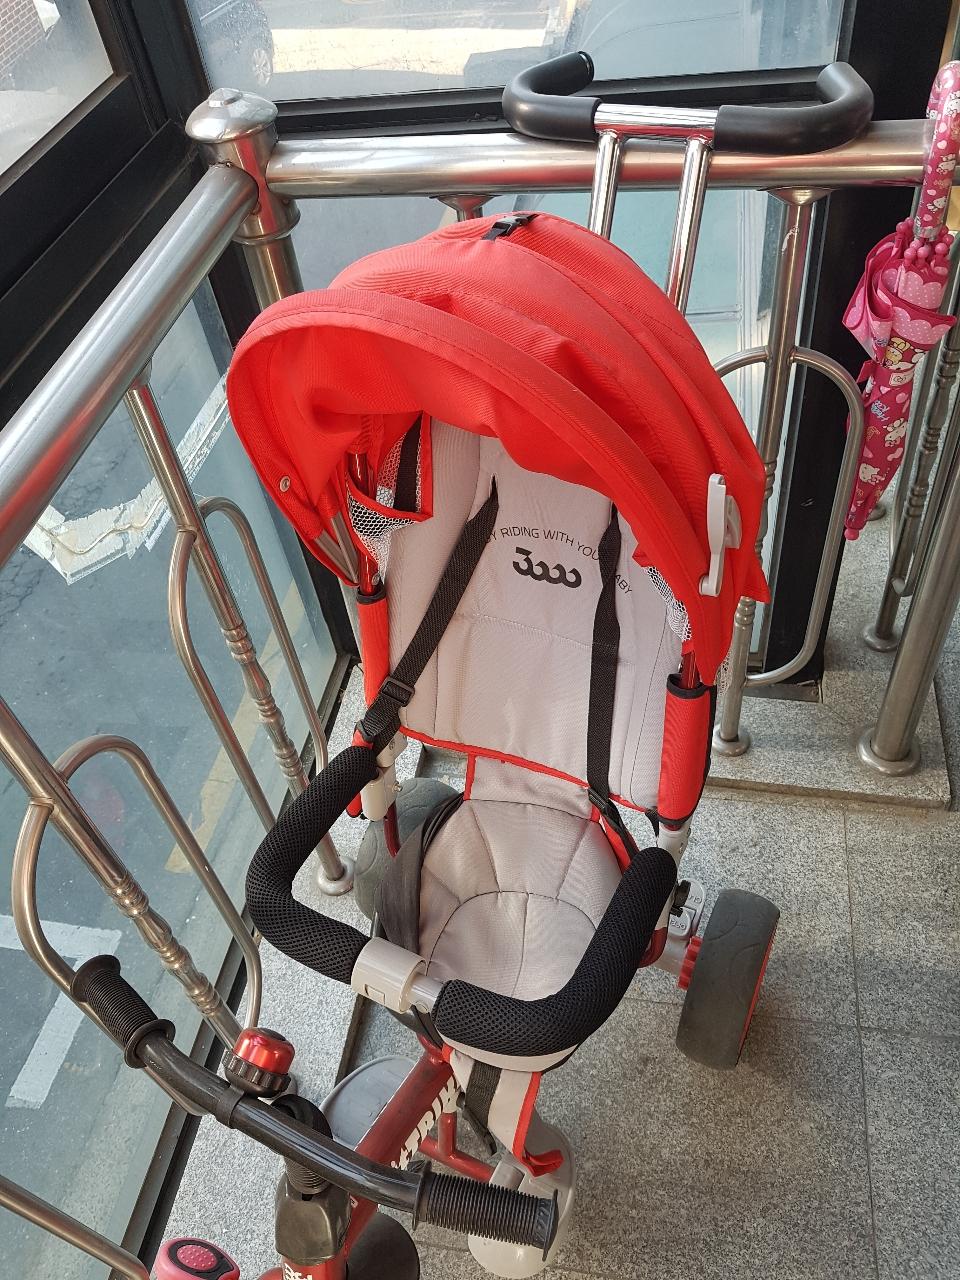 유아동 자전거 저렴하게 드려요^^ 삼천리 자전거이구요.